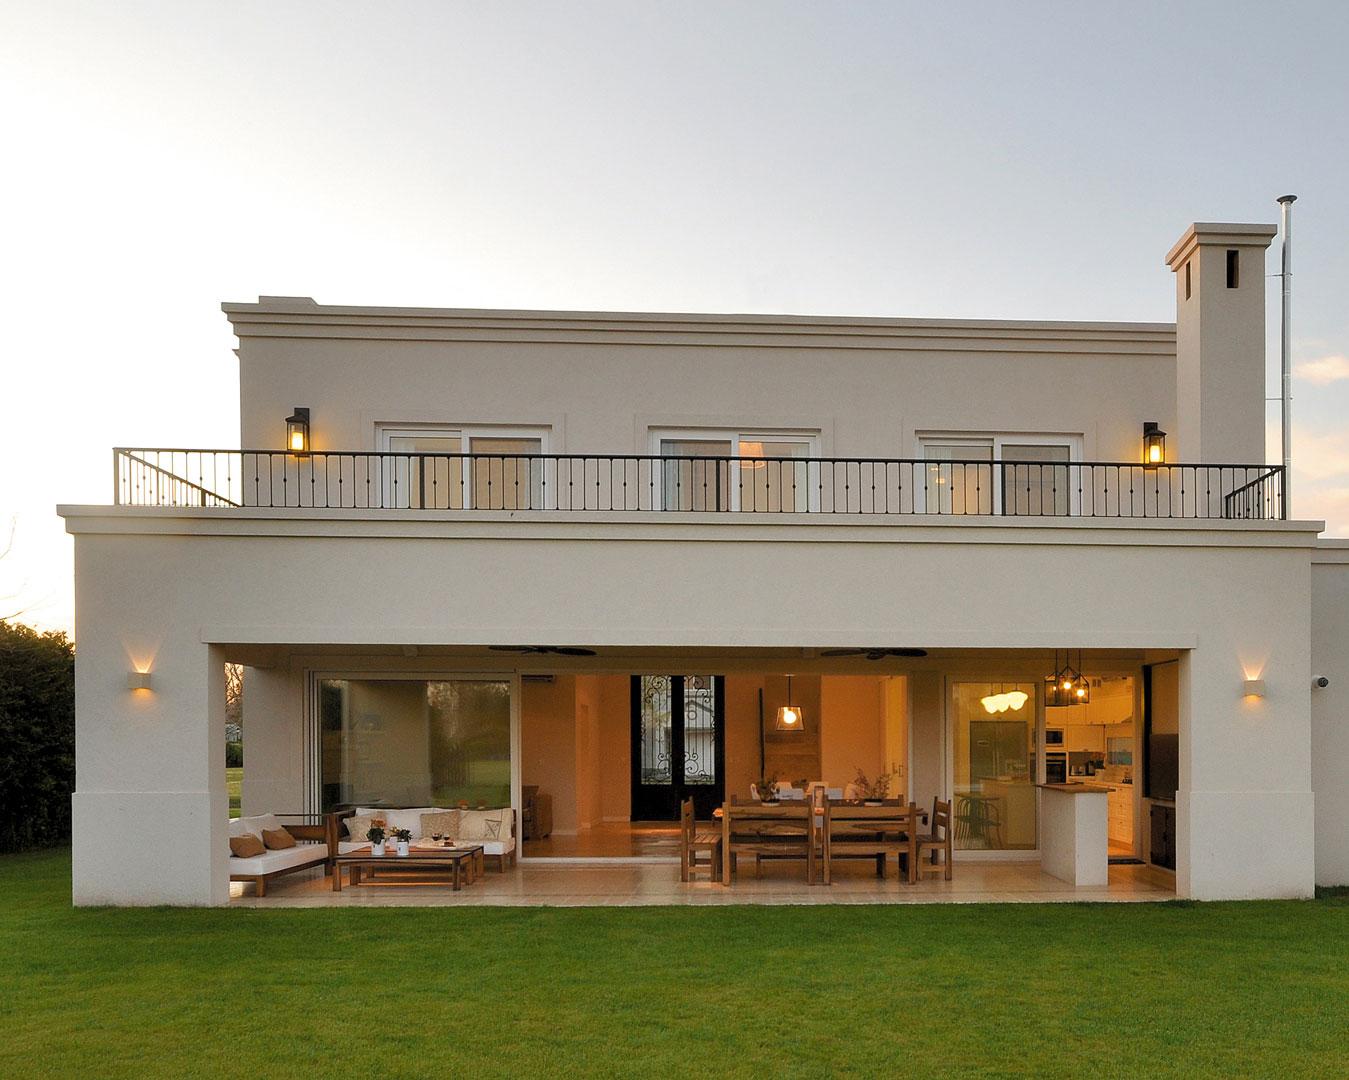 Marcela parrado casa estilo actual c sico arquitecto for Portal de arquitectos casa de campo